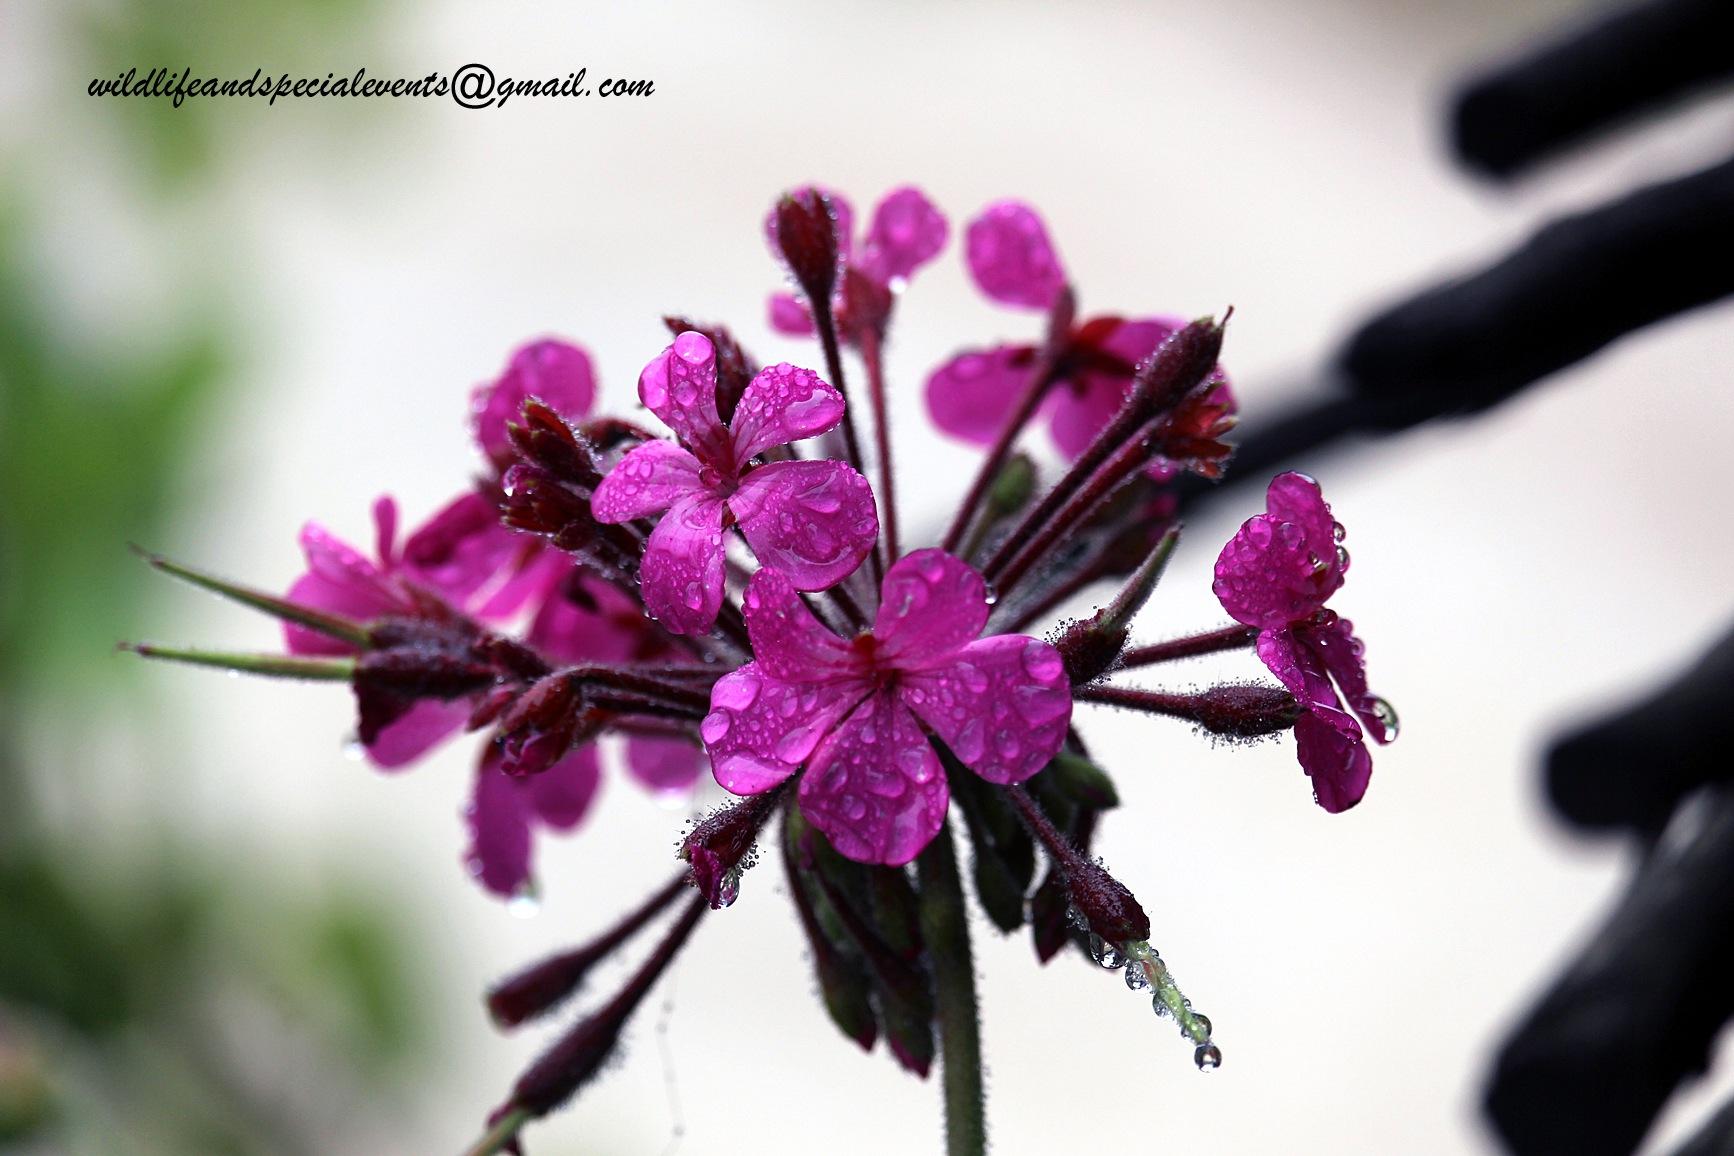 Flowers in the rain by oosie